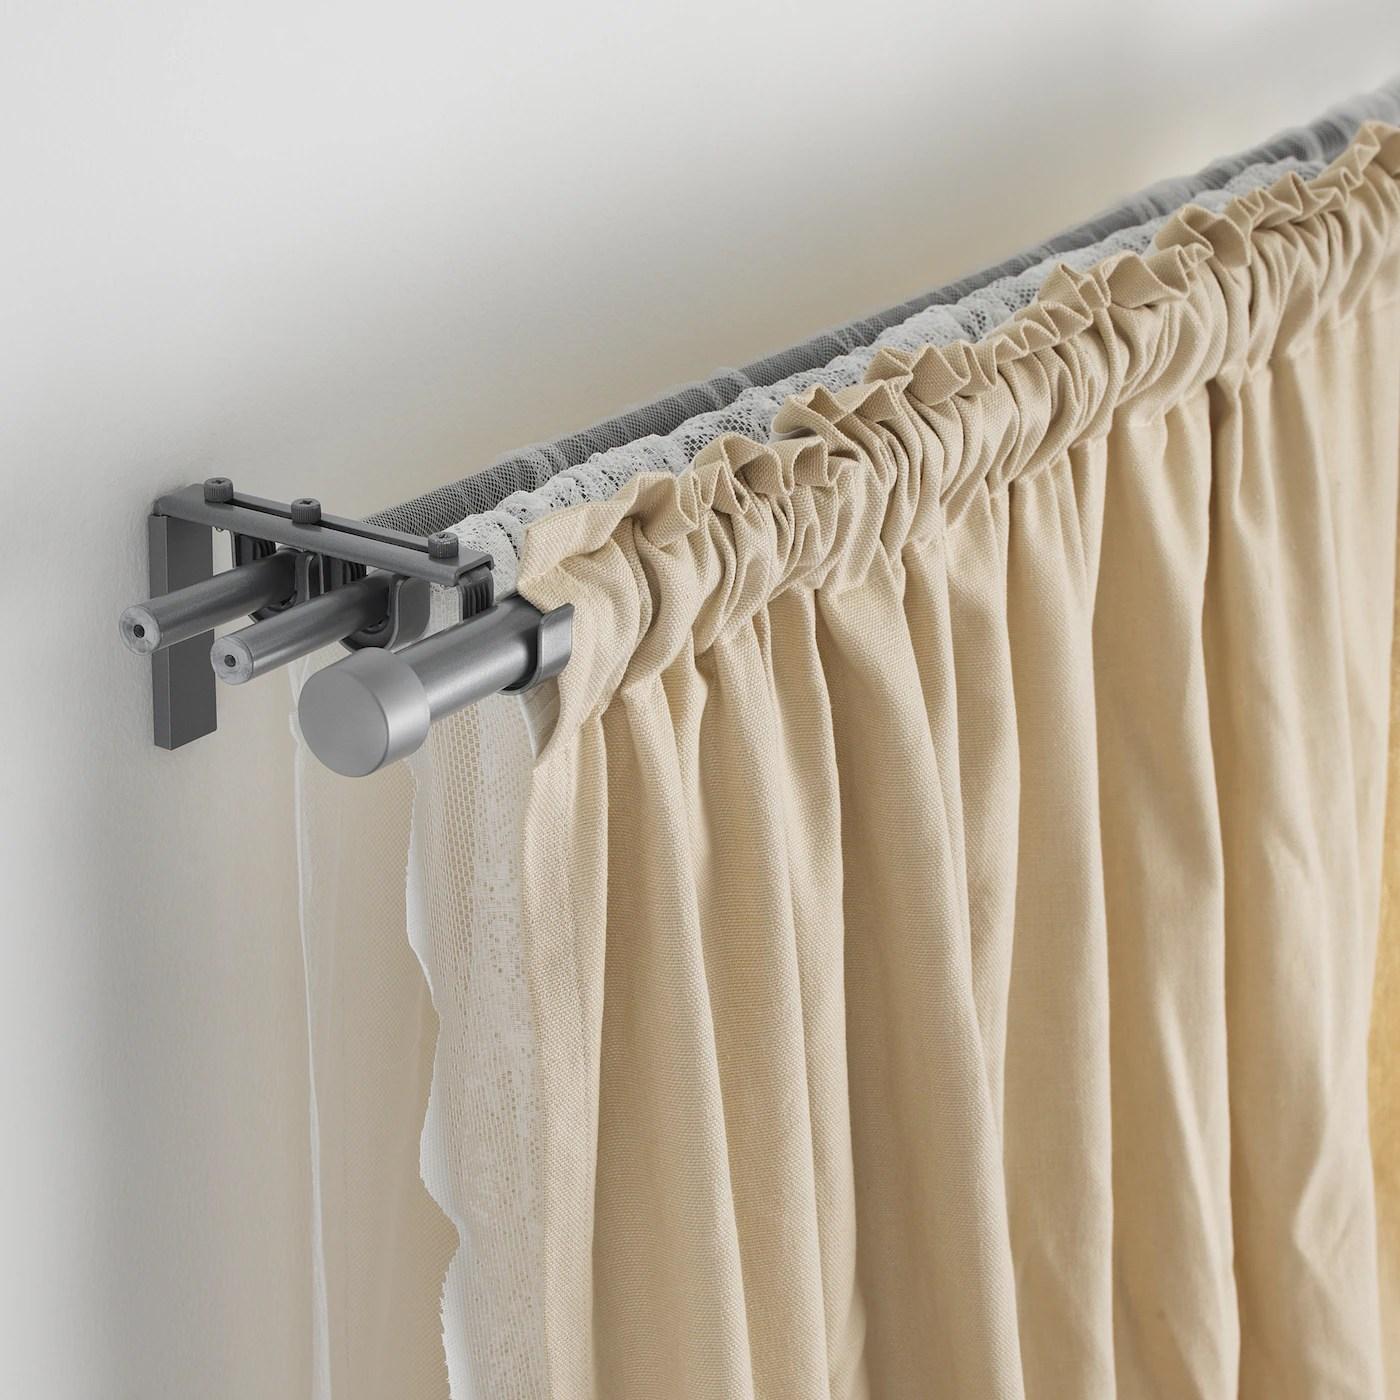 racka tringle a rideau couleur argent 210 385 cm